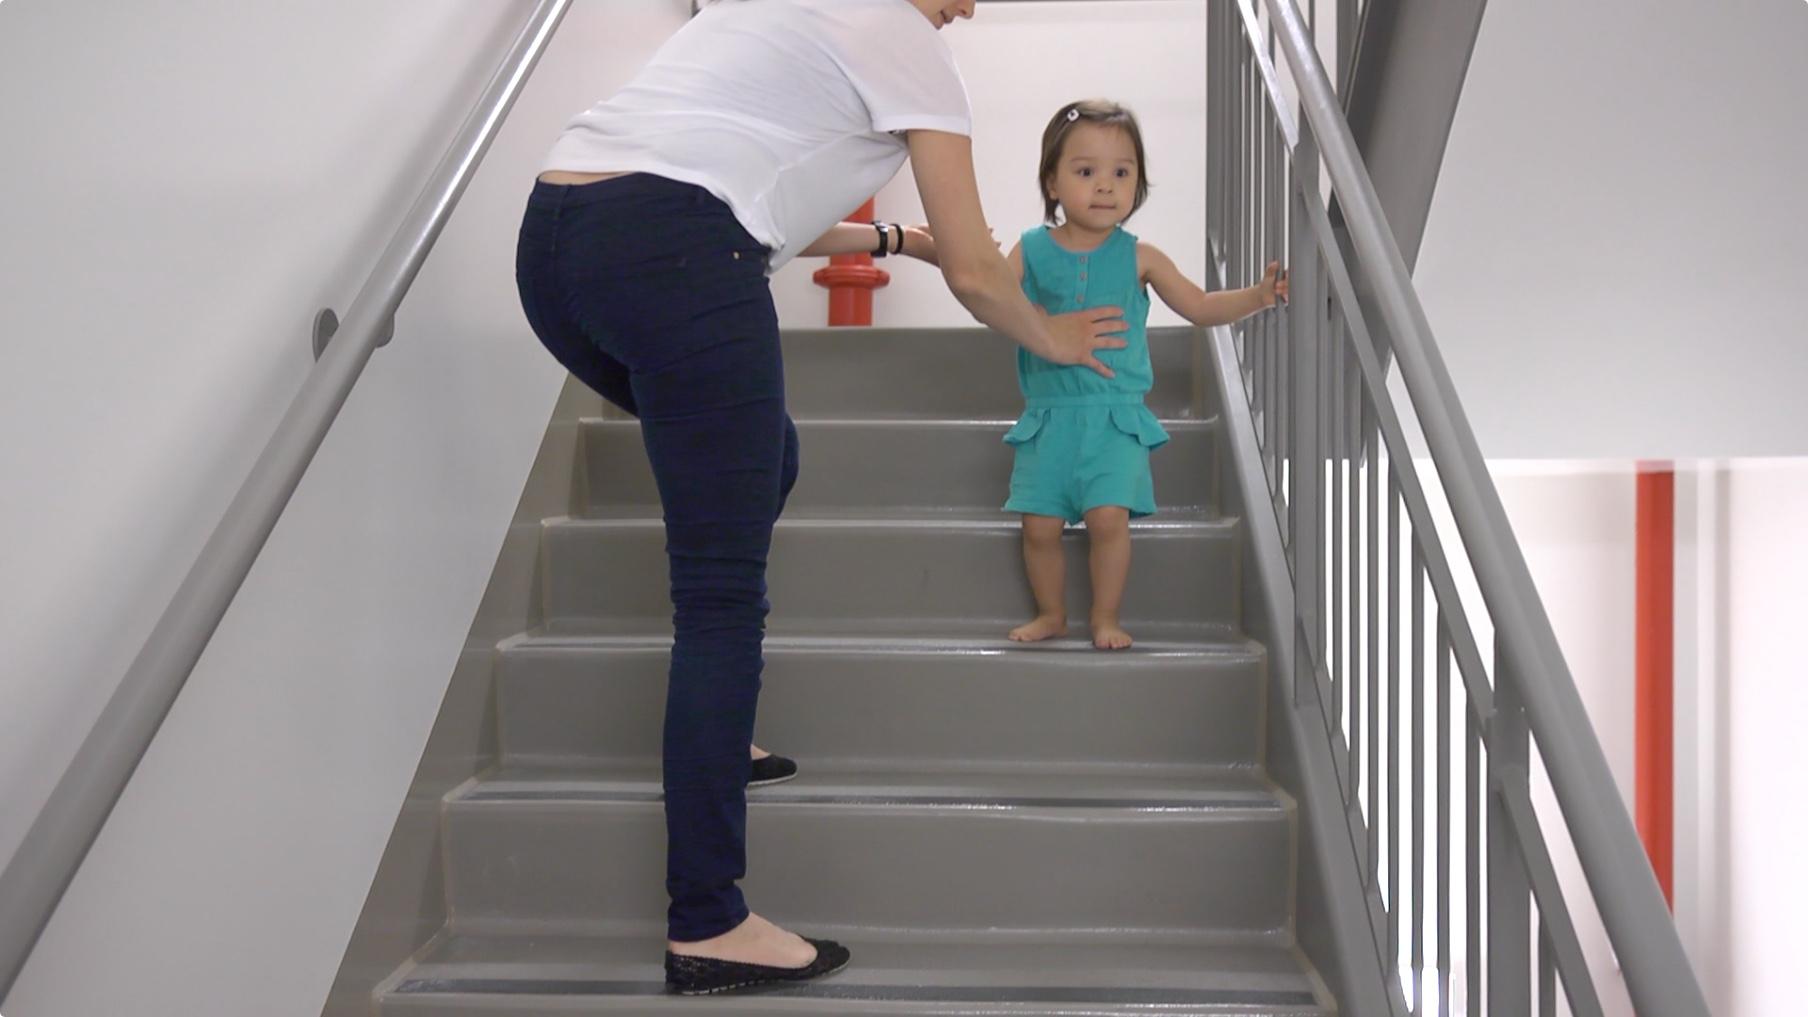 d veloppementenfant mieux agir au quotidien au quotidien stimulation de 12 24 mois. Black Bedroom Furniture Sets. Home Design Ideas